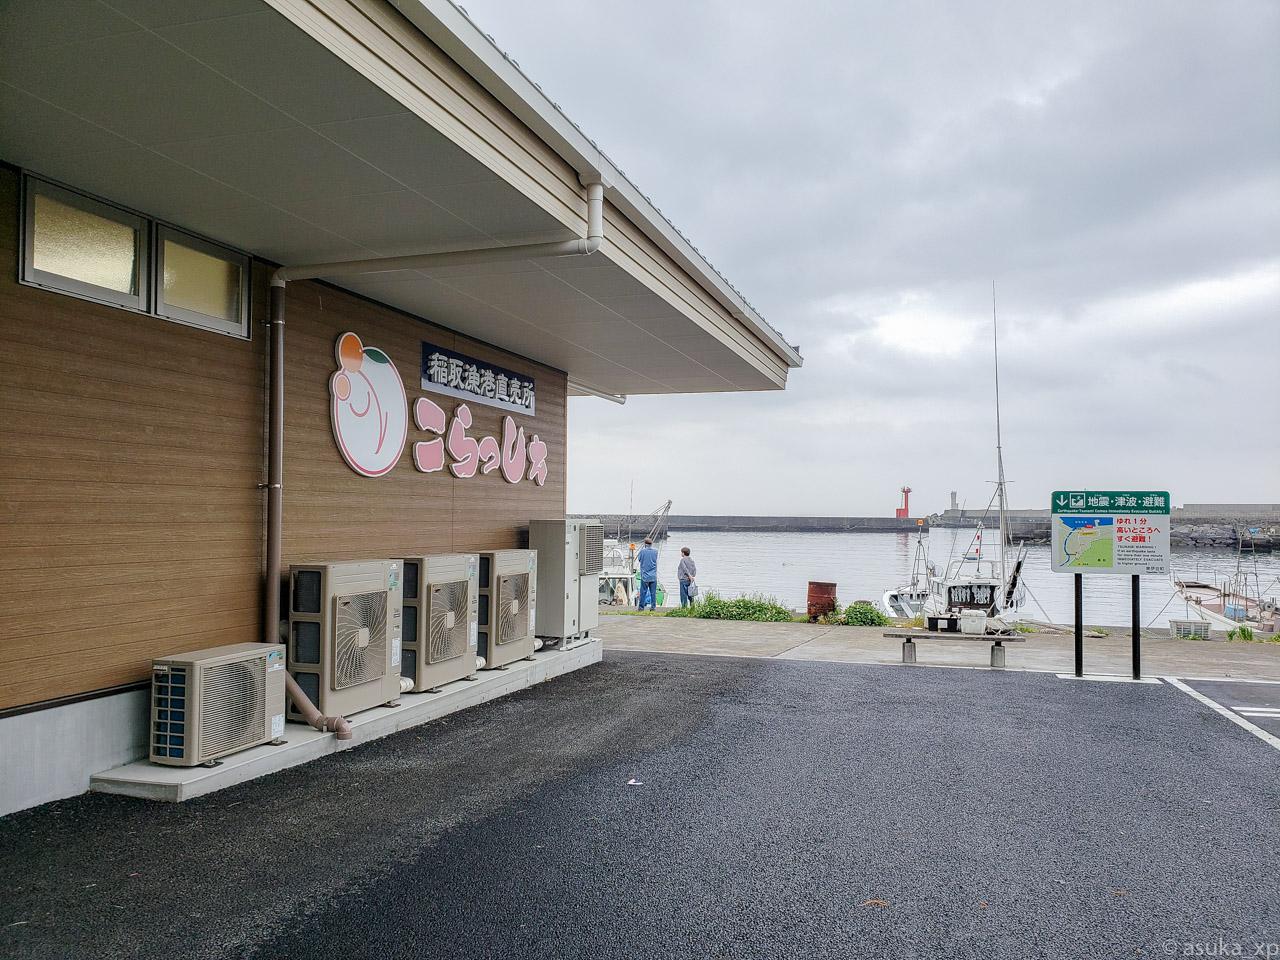 稲取漁港に併設の「こらっしぇ」